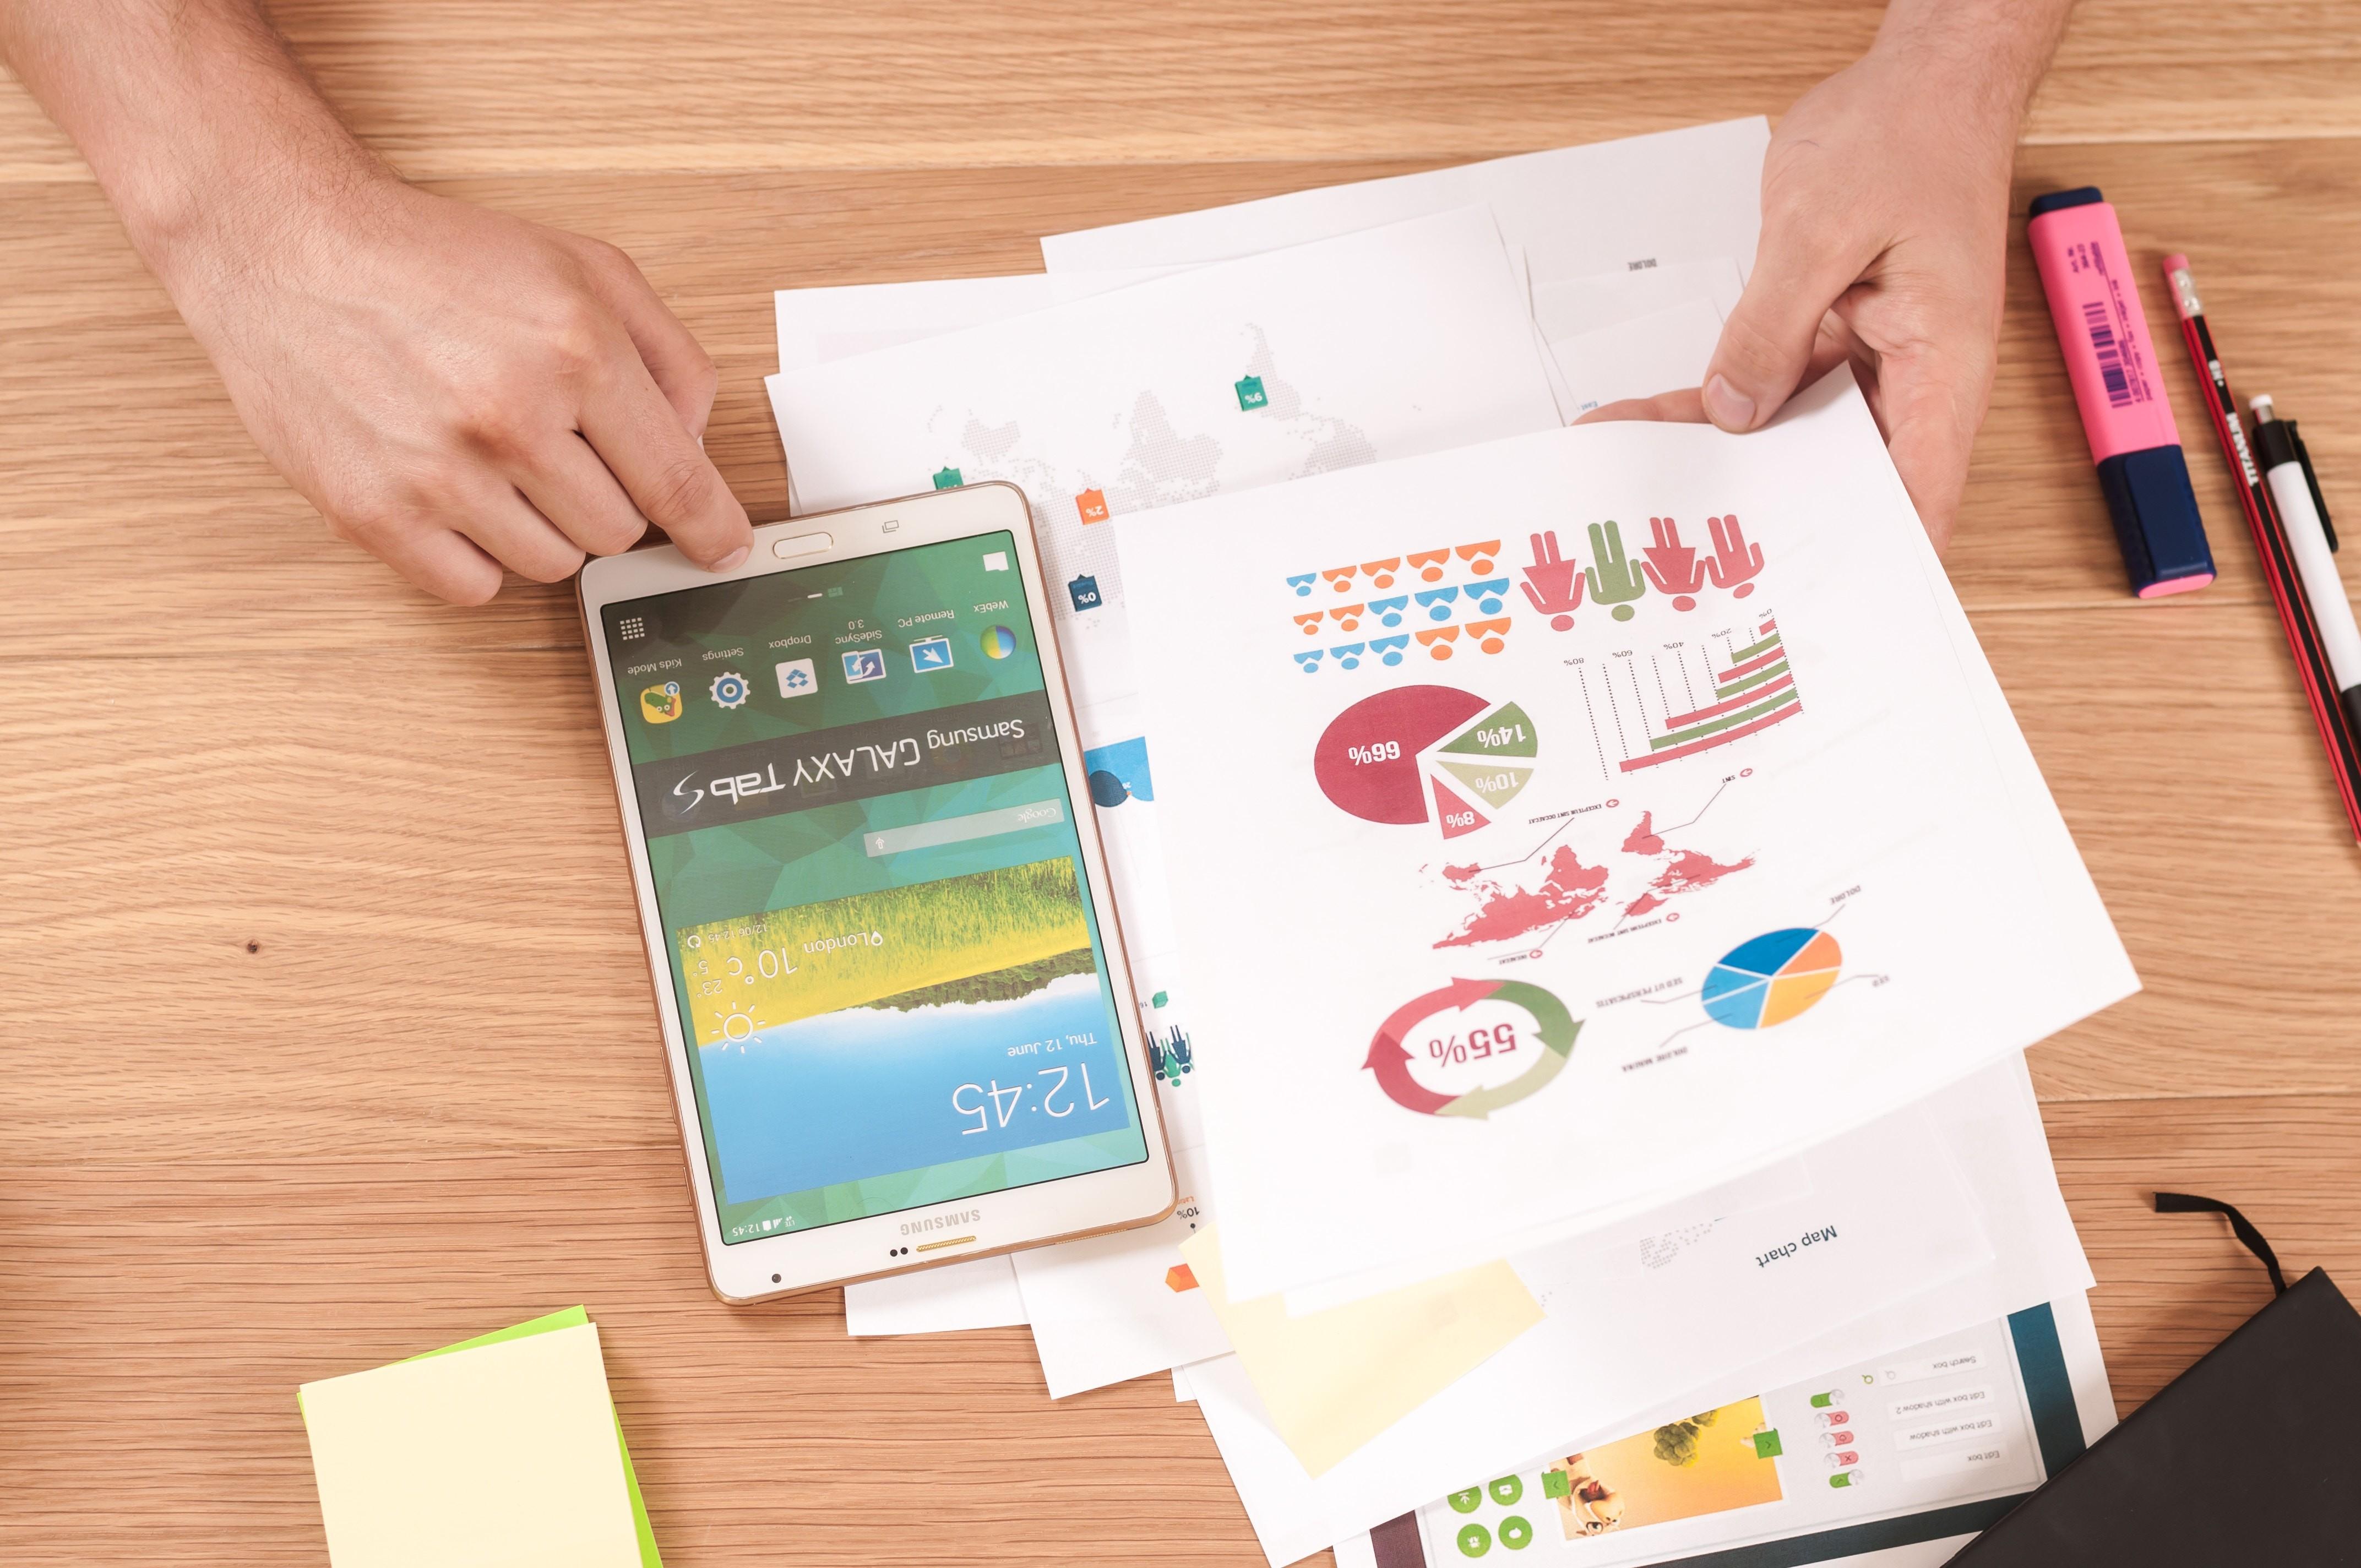 Smartphone and analytics